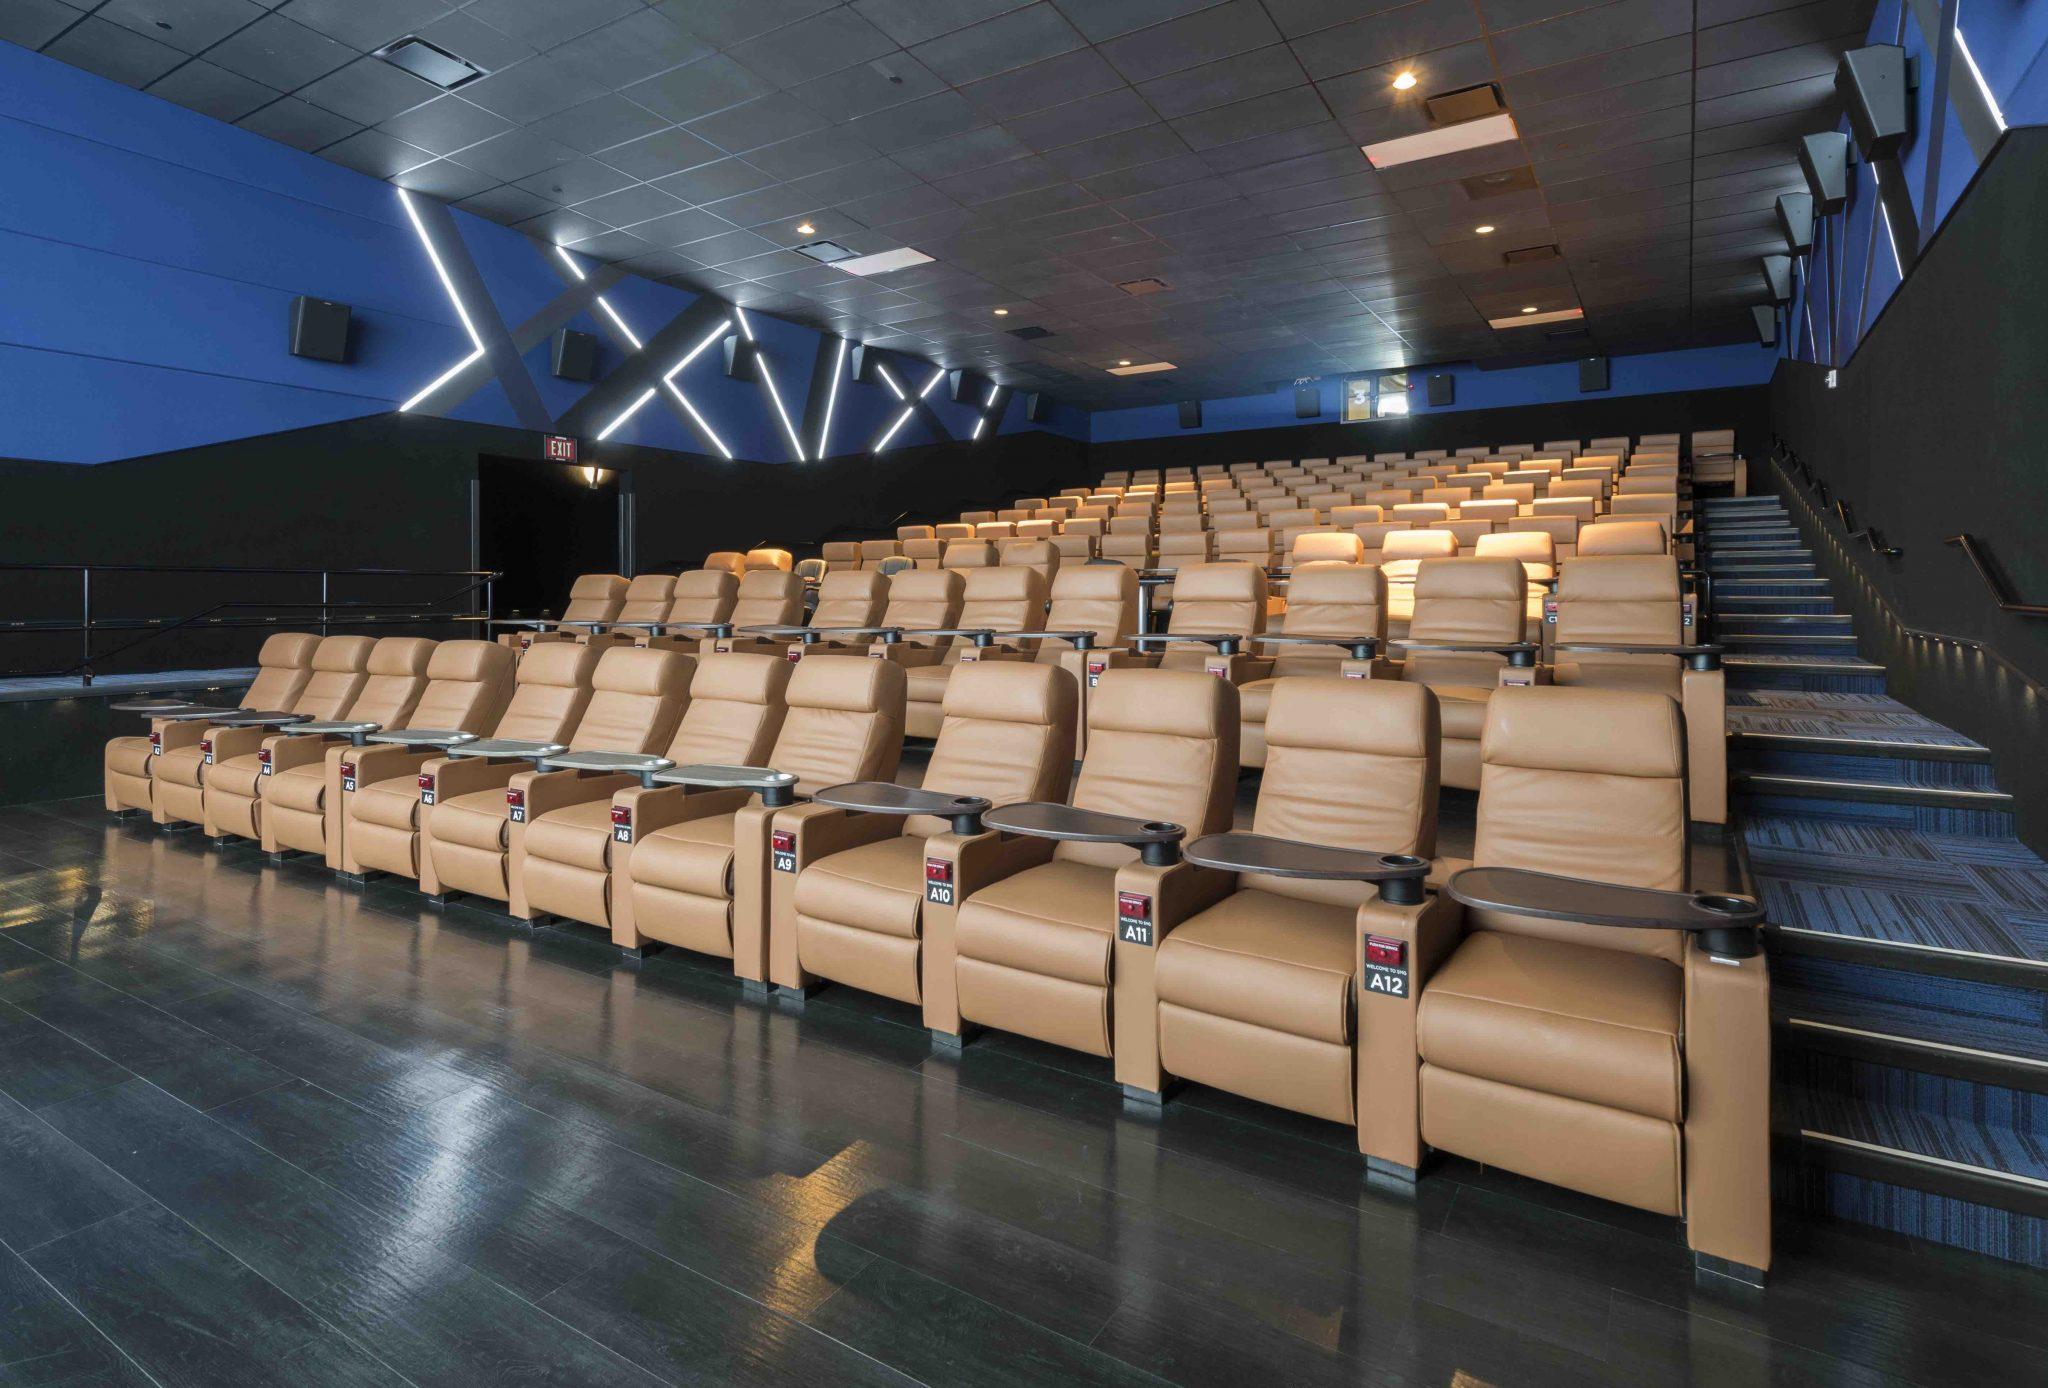 Studio Move Grill Marietta Seats